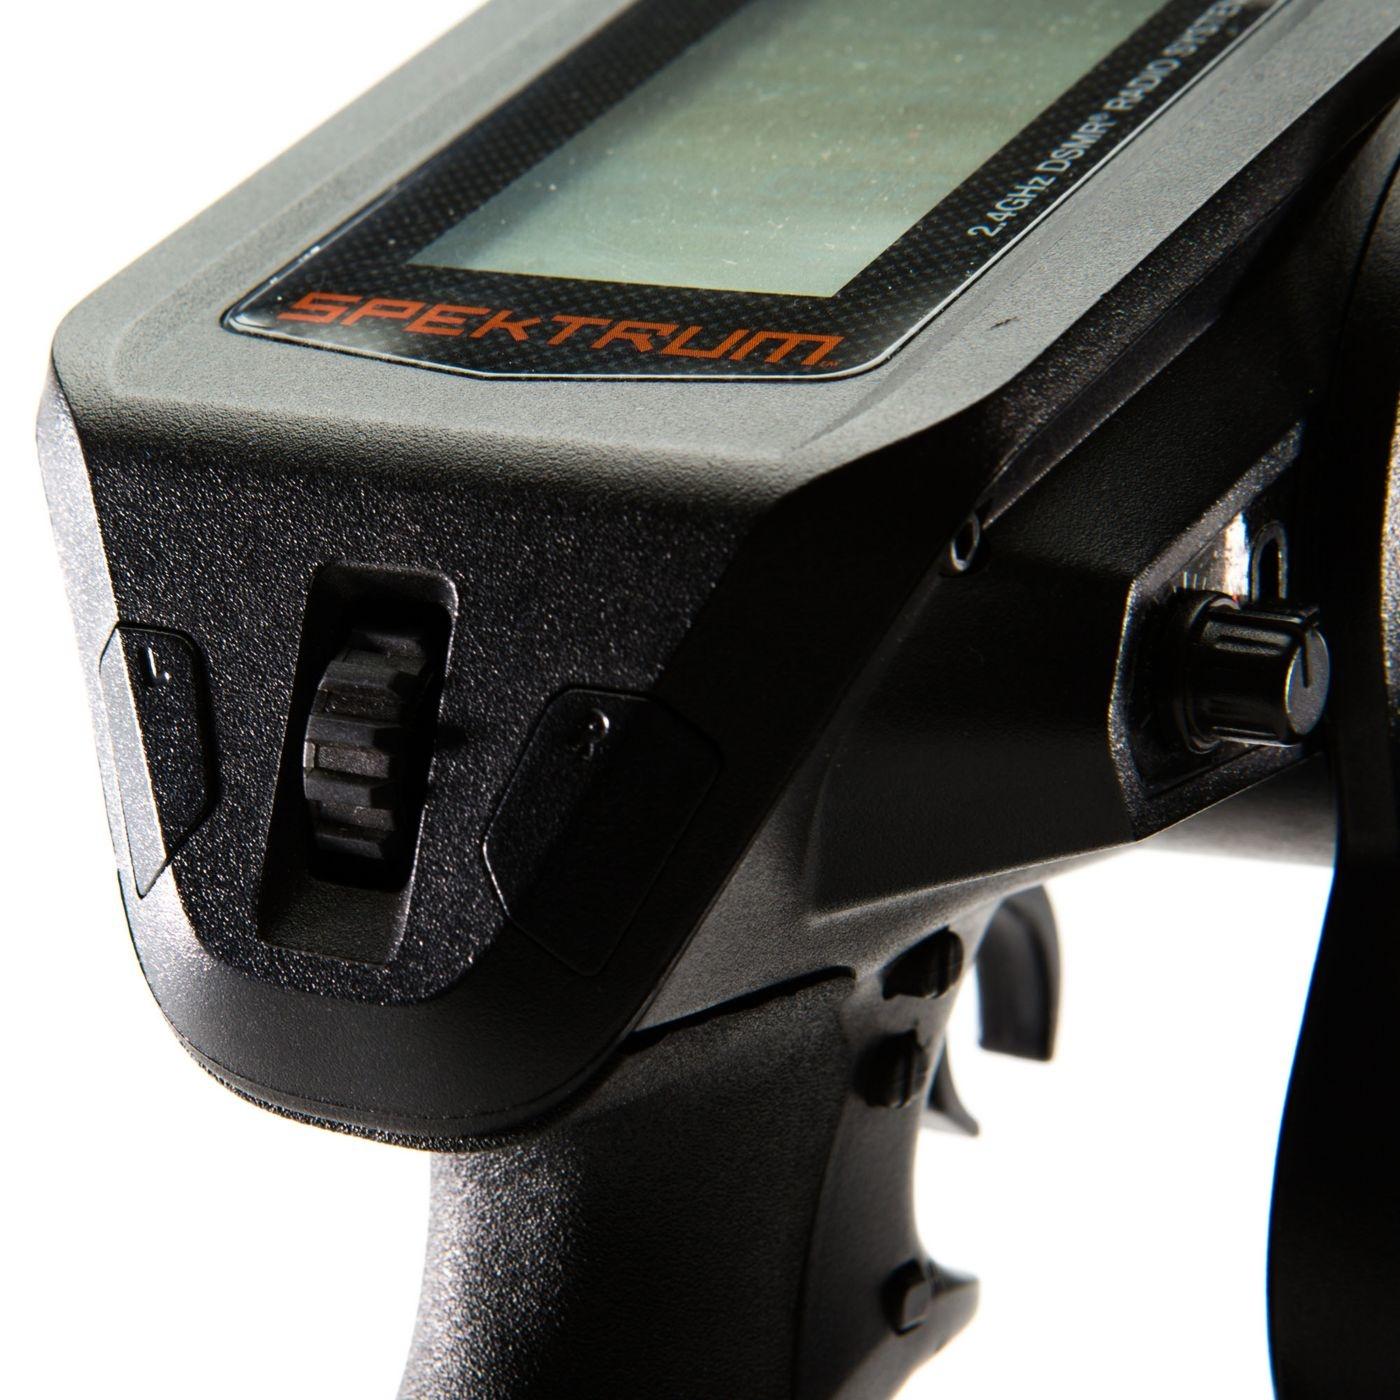 Spektrum SPMR5010 DX5 Pro 5-Channel DSMR Surface Radio (Transmitter Only) by Spektrum